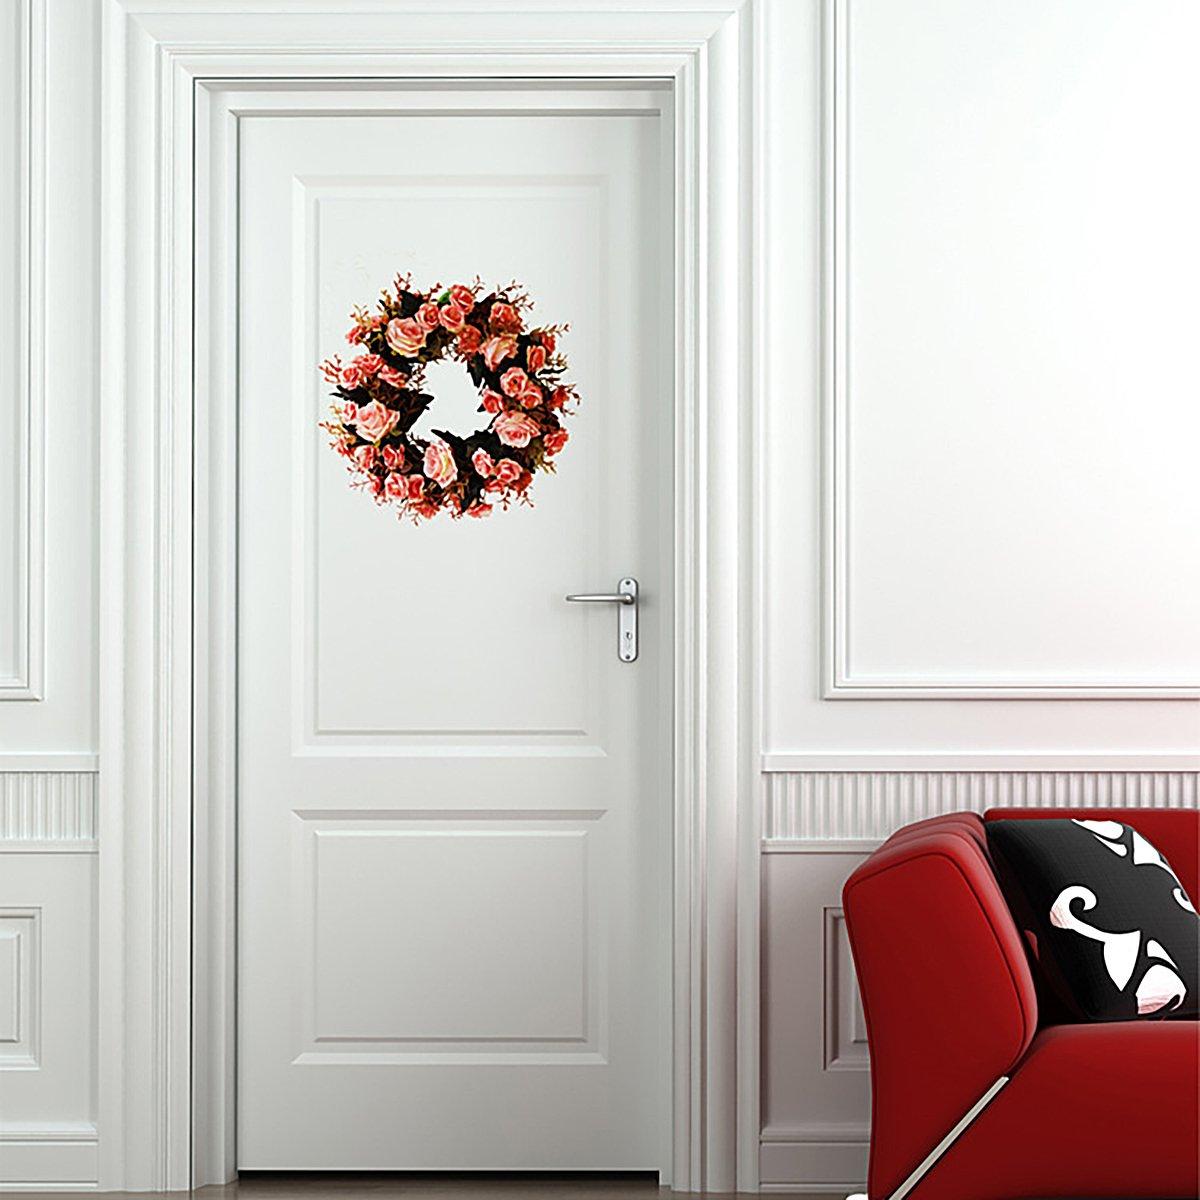 Living room Decoration Red 1 Pcs TianBao Door Wreath Brightens Front Door Decor for Wedding//Birthday